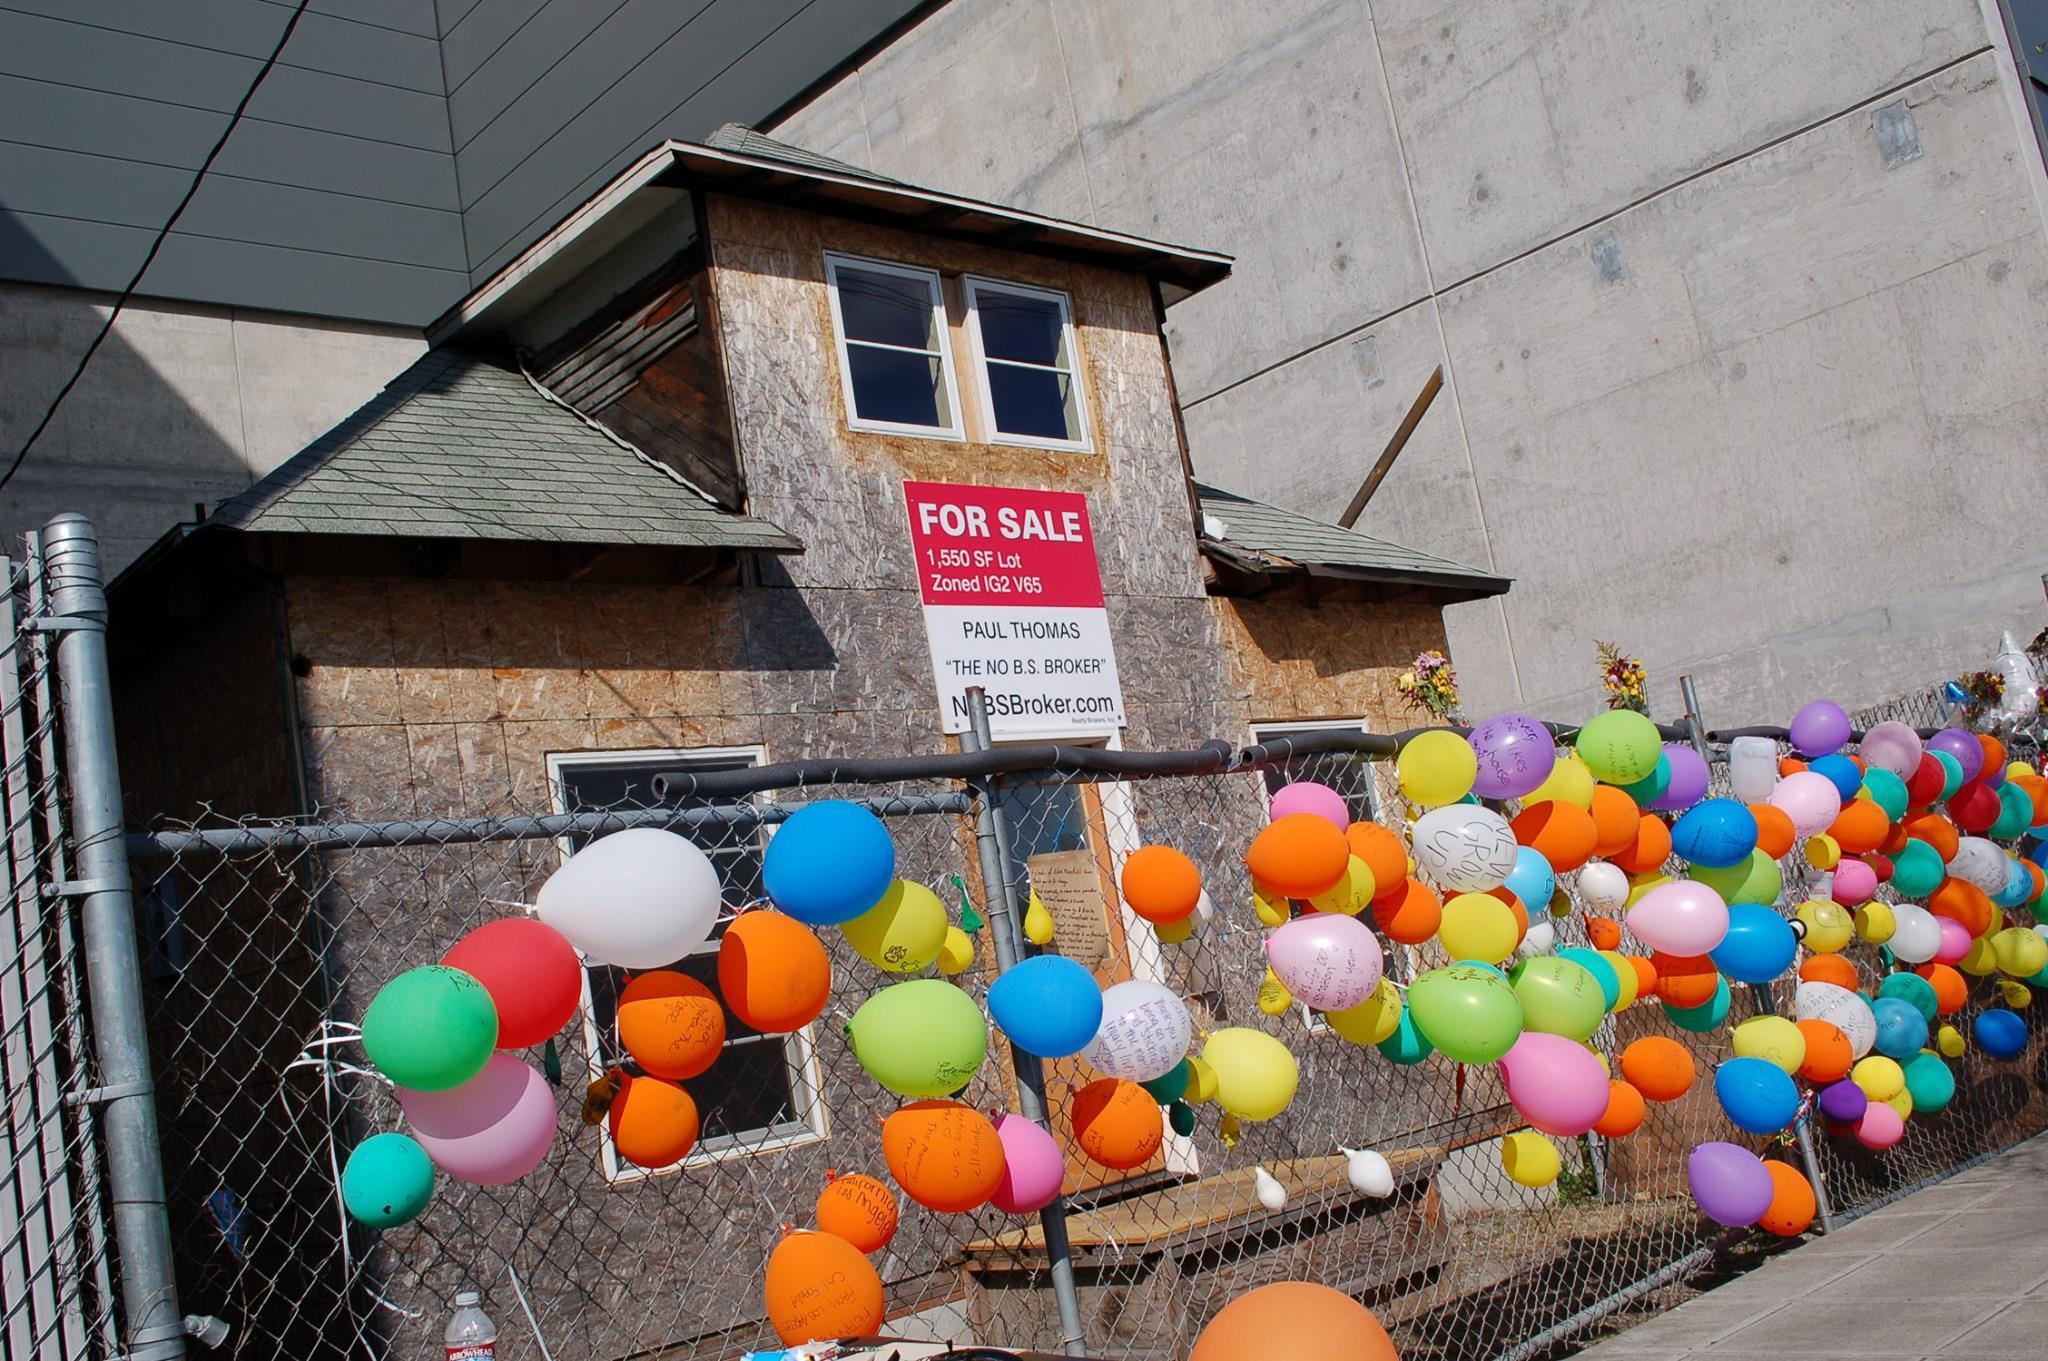 La vera casa di Up in vendita ora rischia la demolizione  Casait